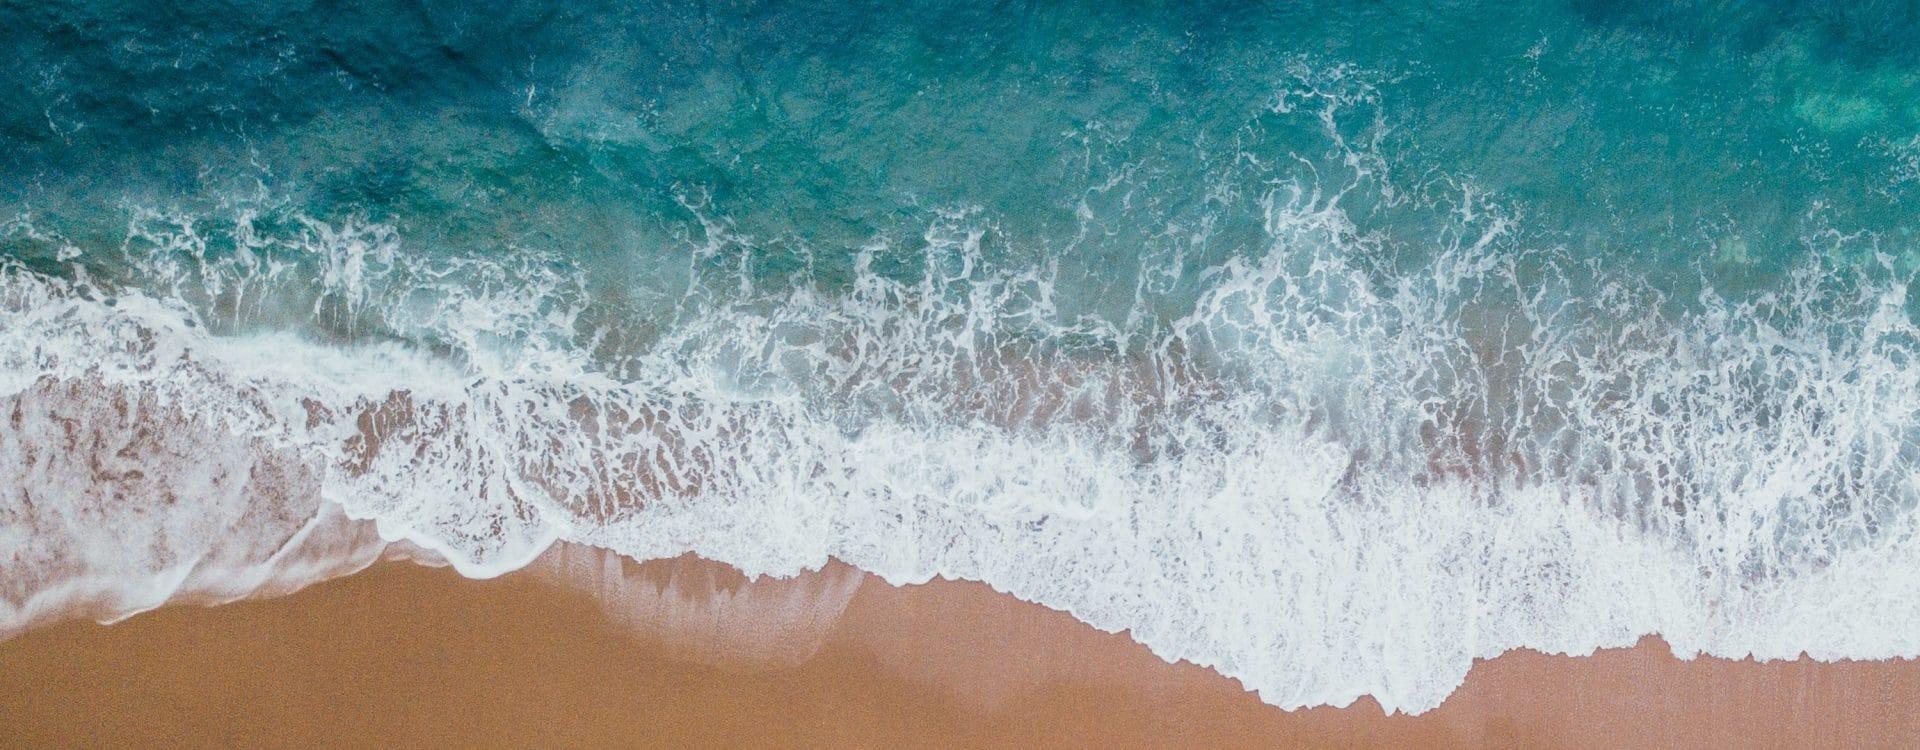 vague qui casse sur le sable vue en drone